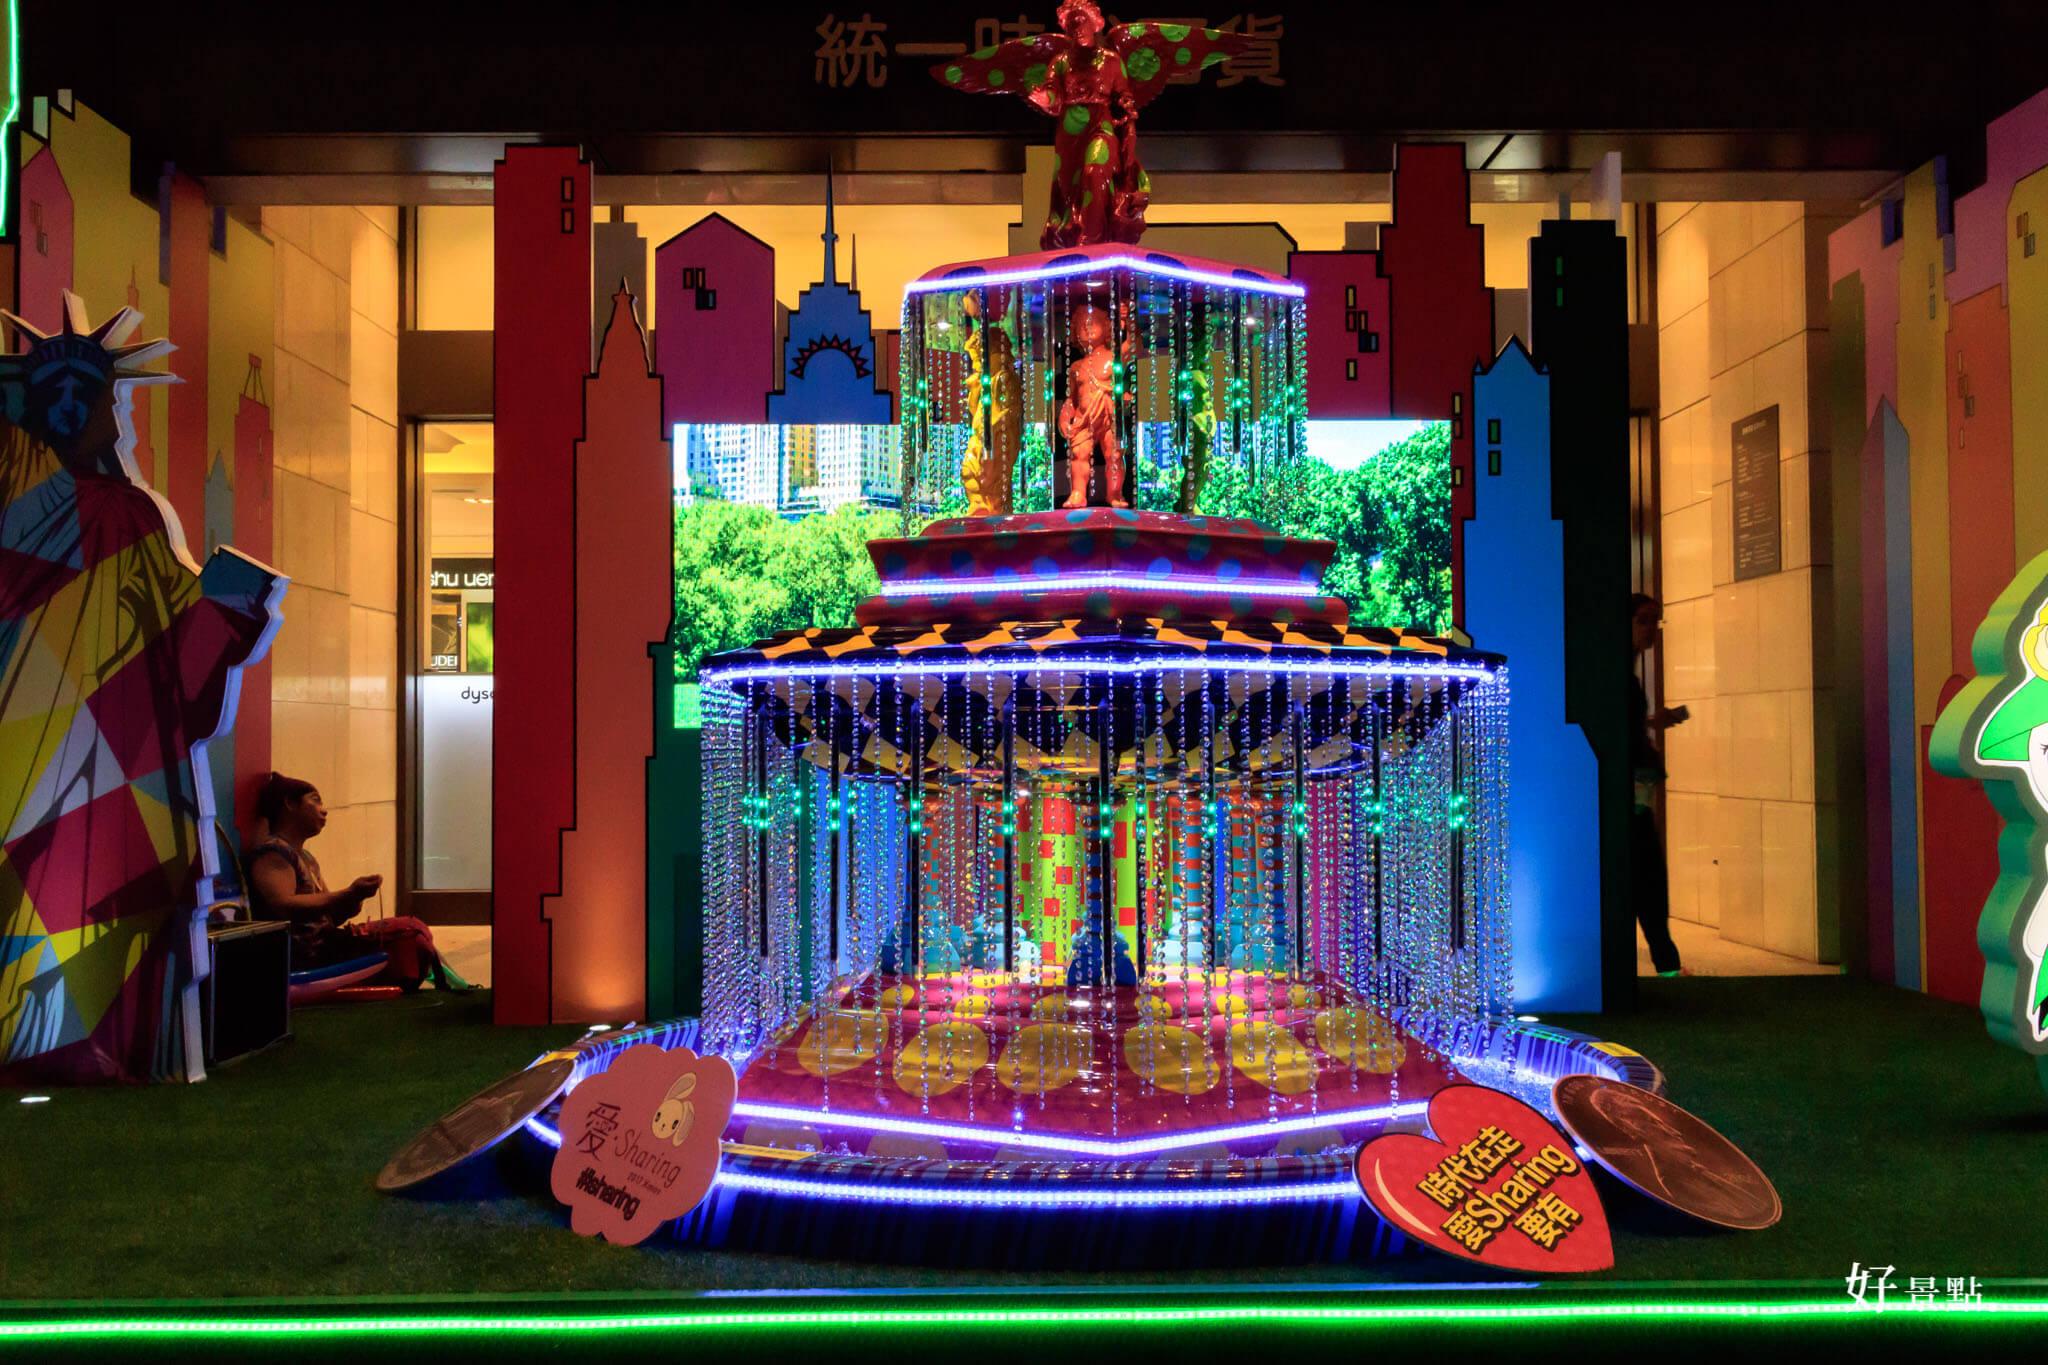 |台北。信義|統一時代百貨「愛.Sharing」Purple Wish 燈光秀!紫色聖誕樹超夢幻!